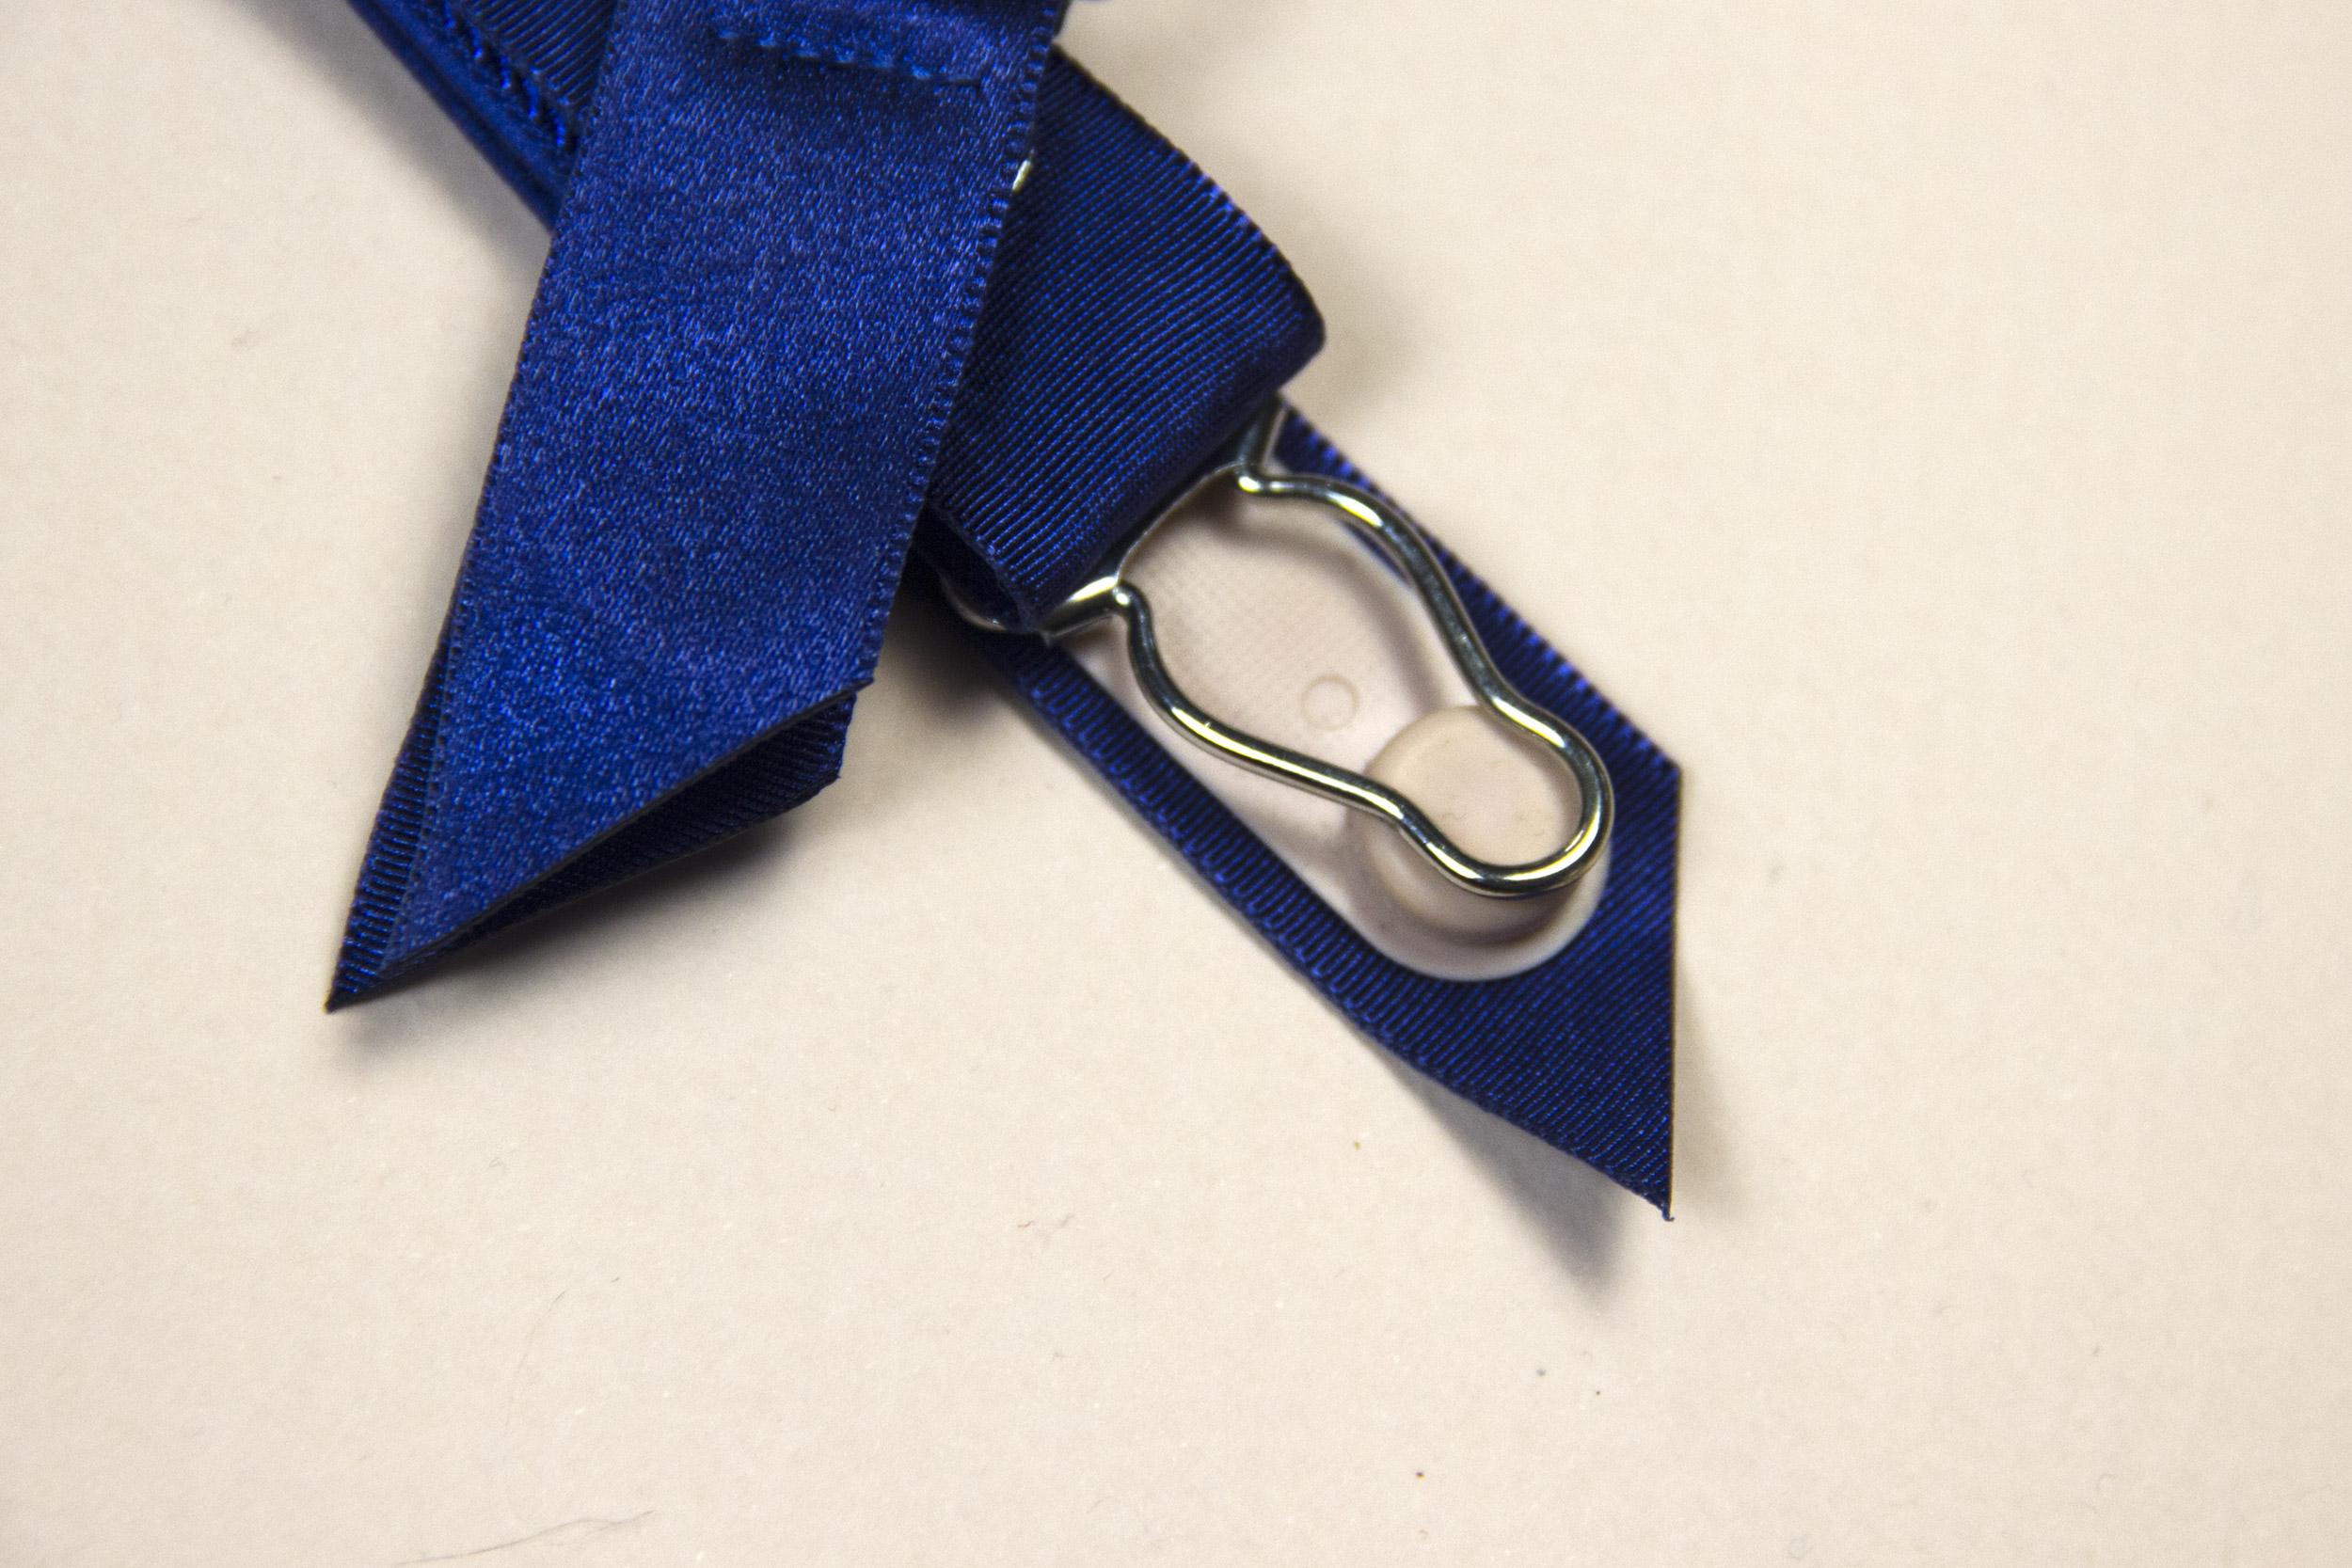 Обзор пояса для чулок Chantal Thomass Encens Moi на garterblog.ru